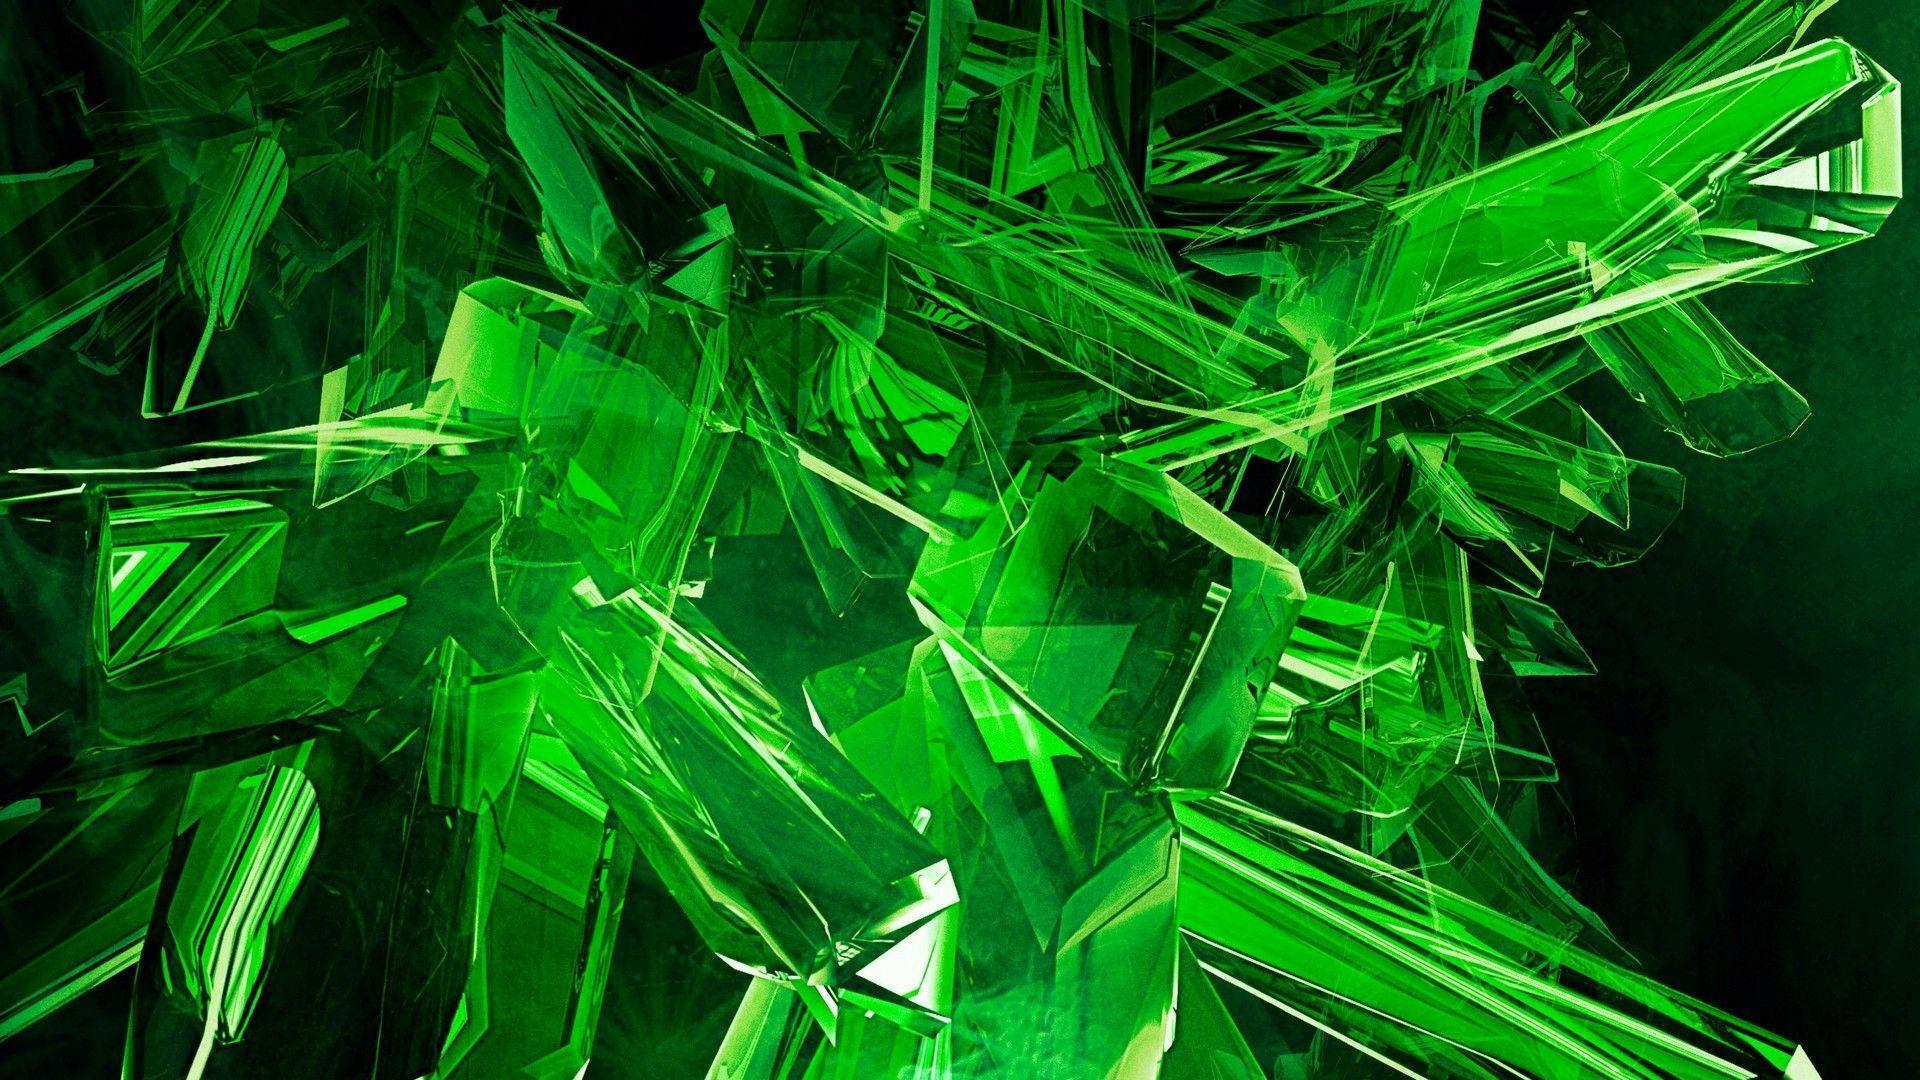 Neon Green Desktop Wallpapers Top Free Neon Green Desktop Backgrounds Wallpaperaccess